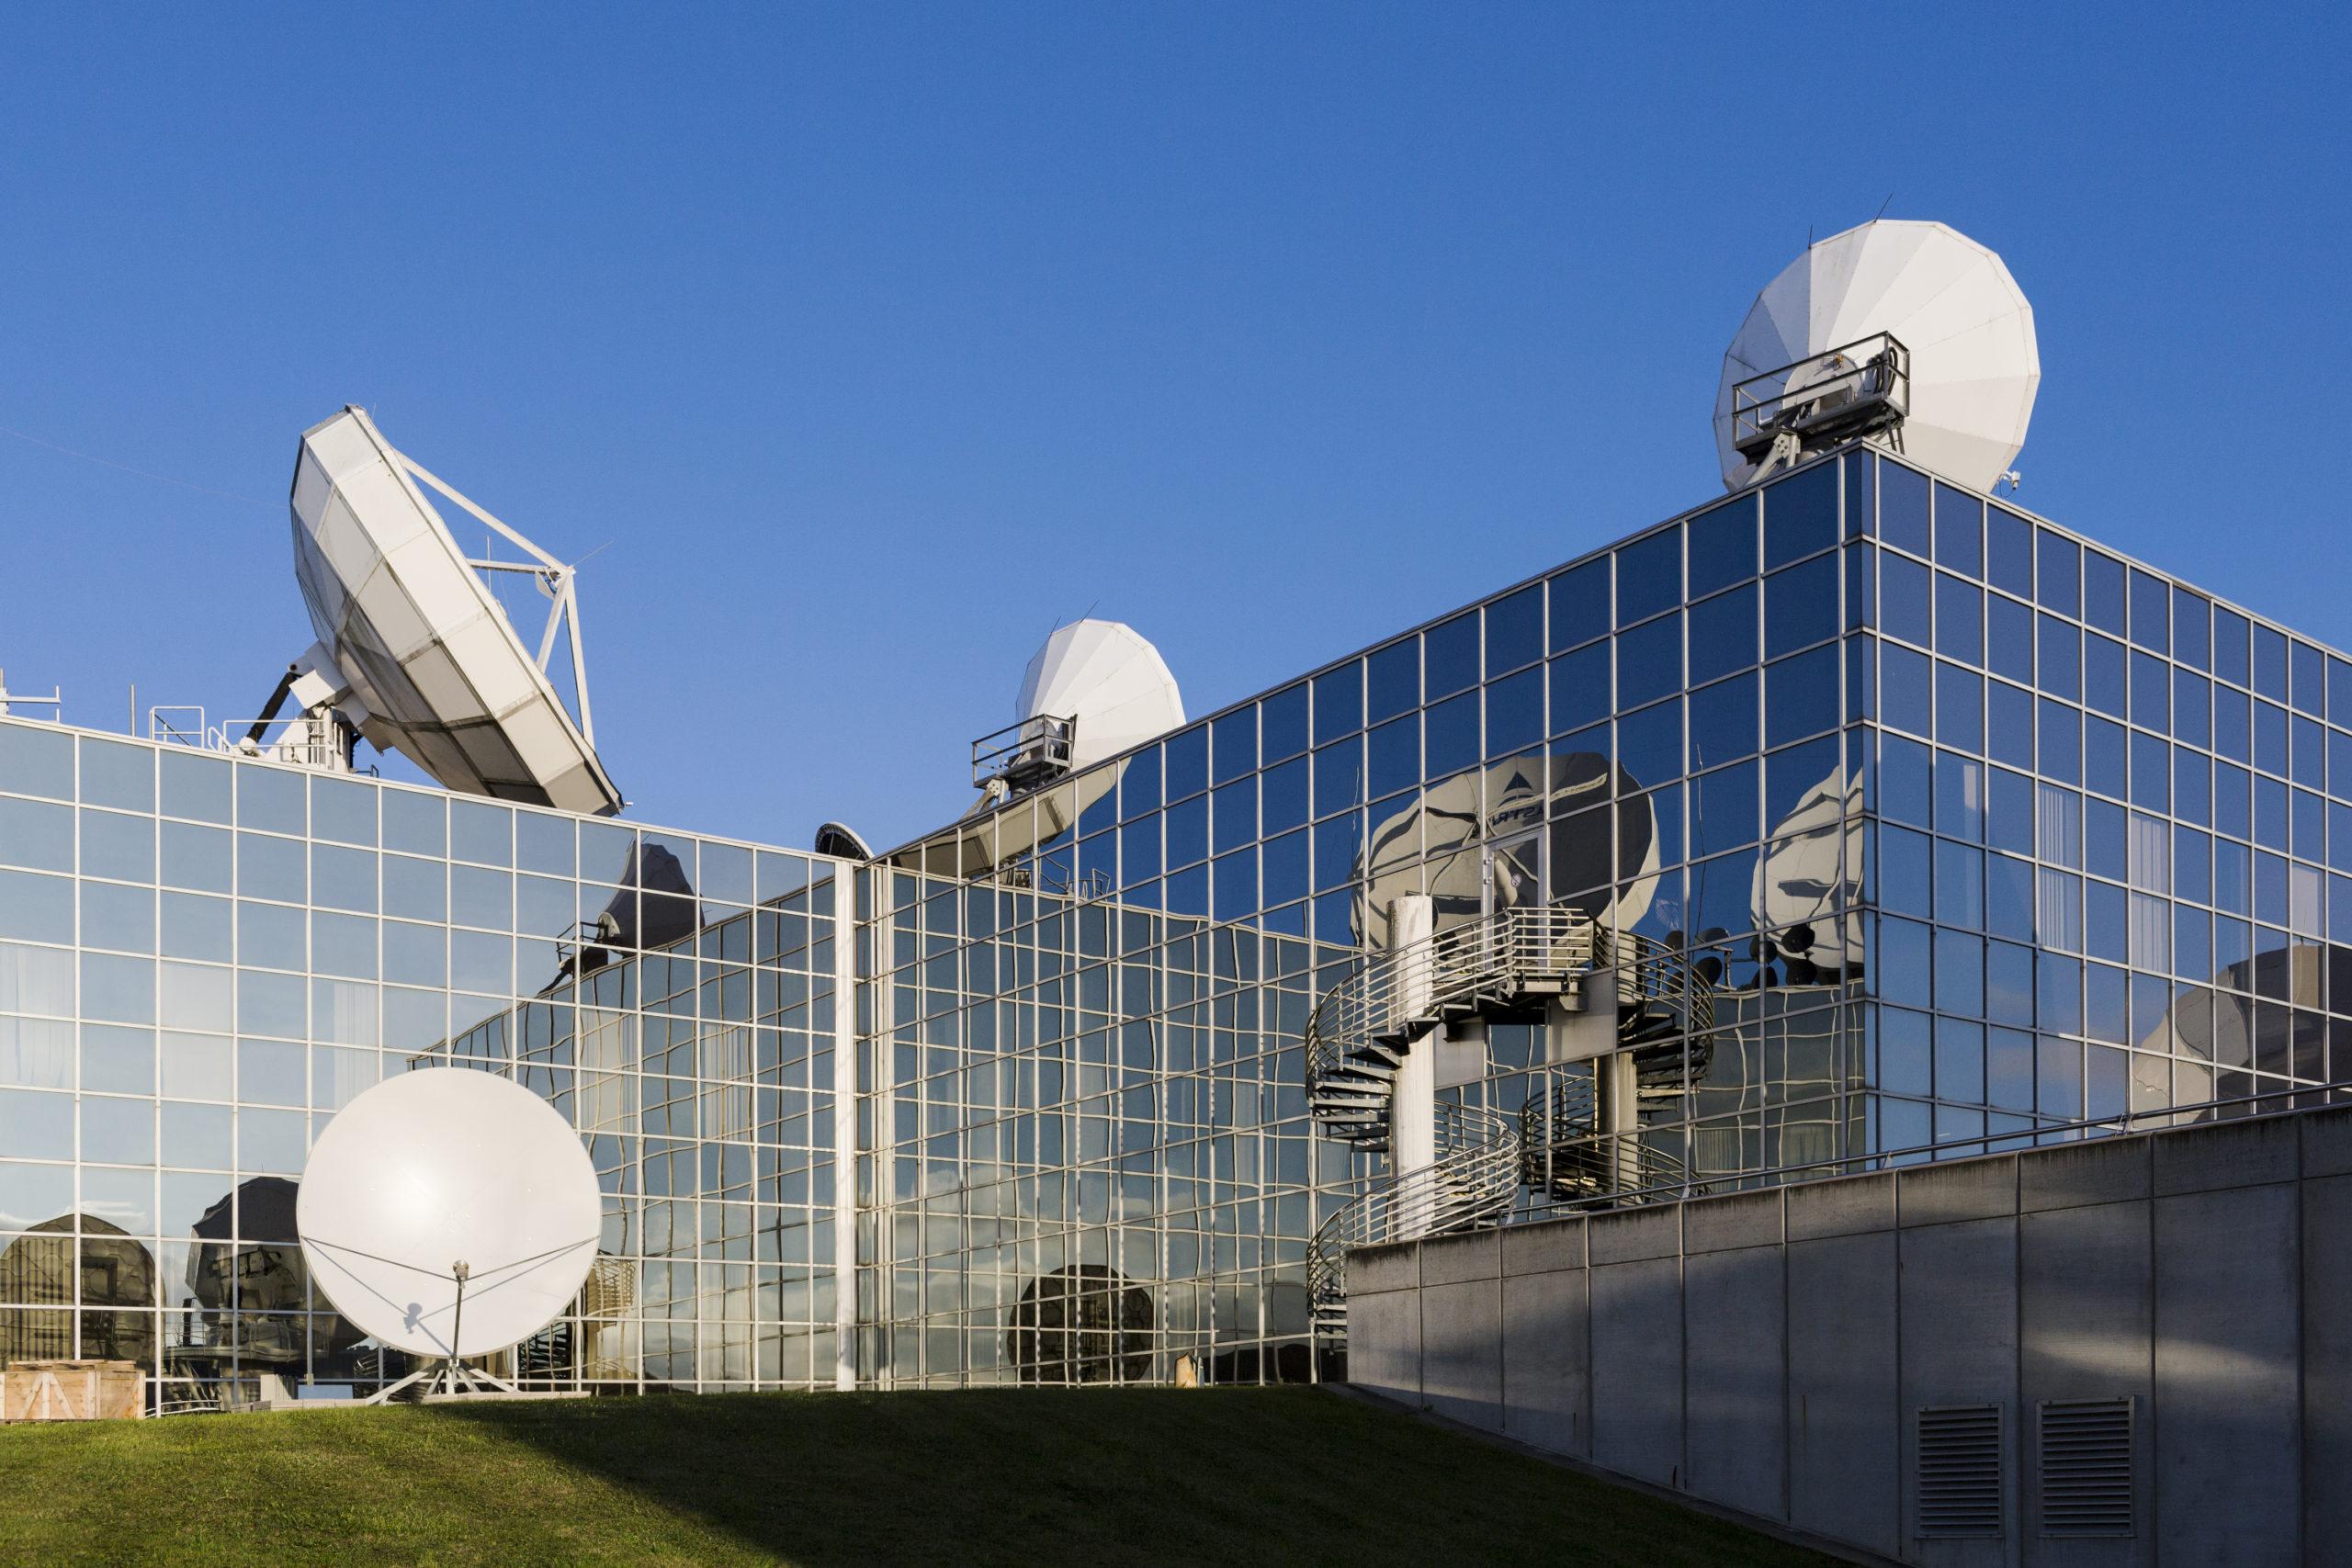 Европейские общественные вещатели подписывают многолетние договора на использование мощностей SES для предоставление первоклассных телевизионных услуг домохозяйствам